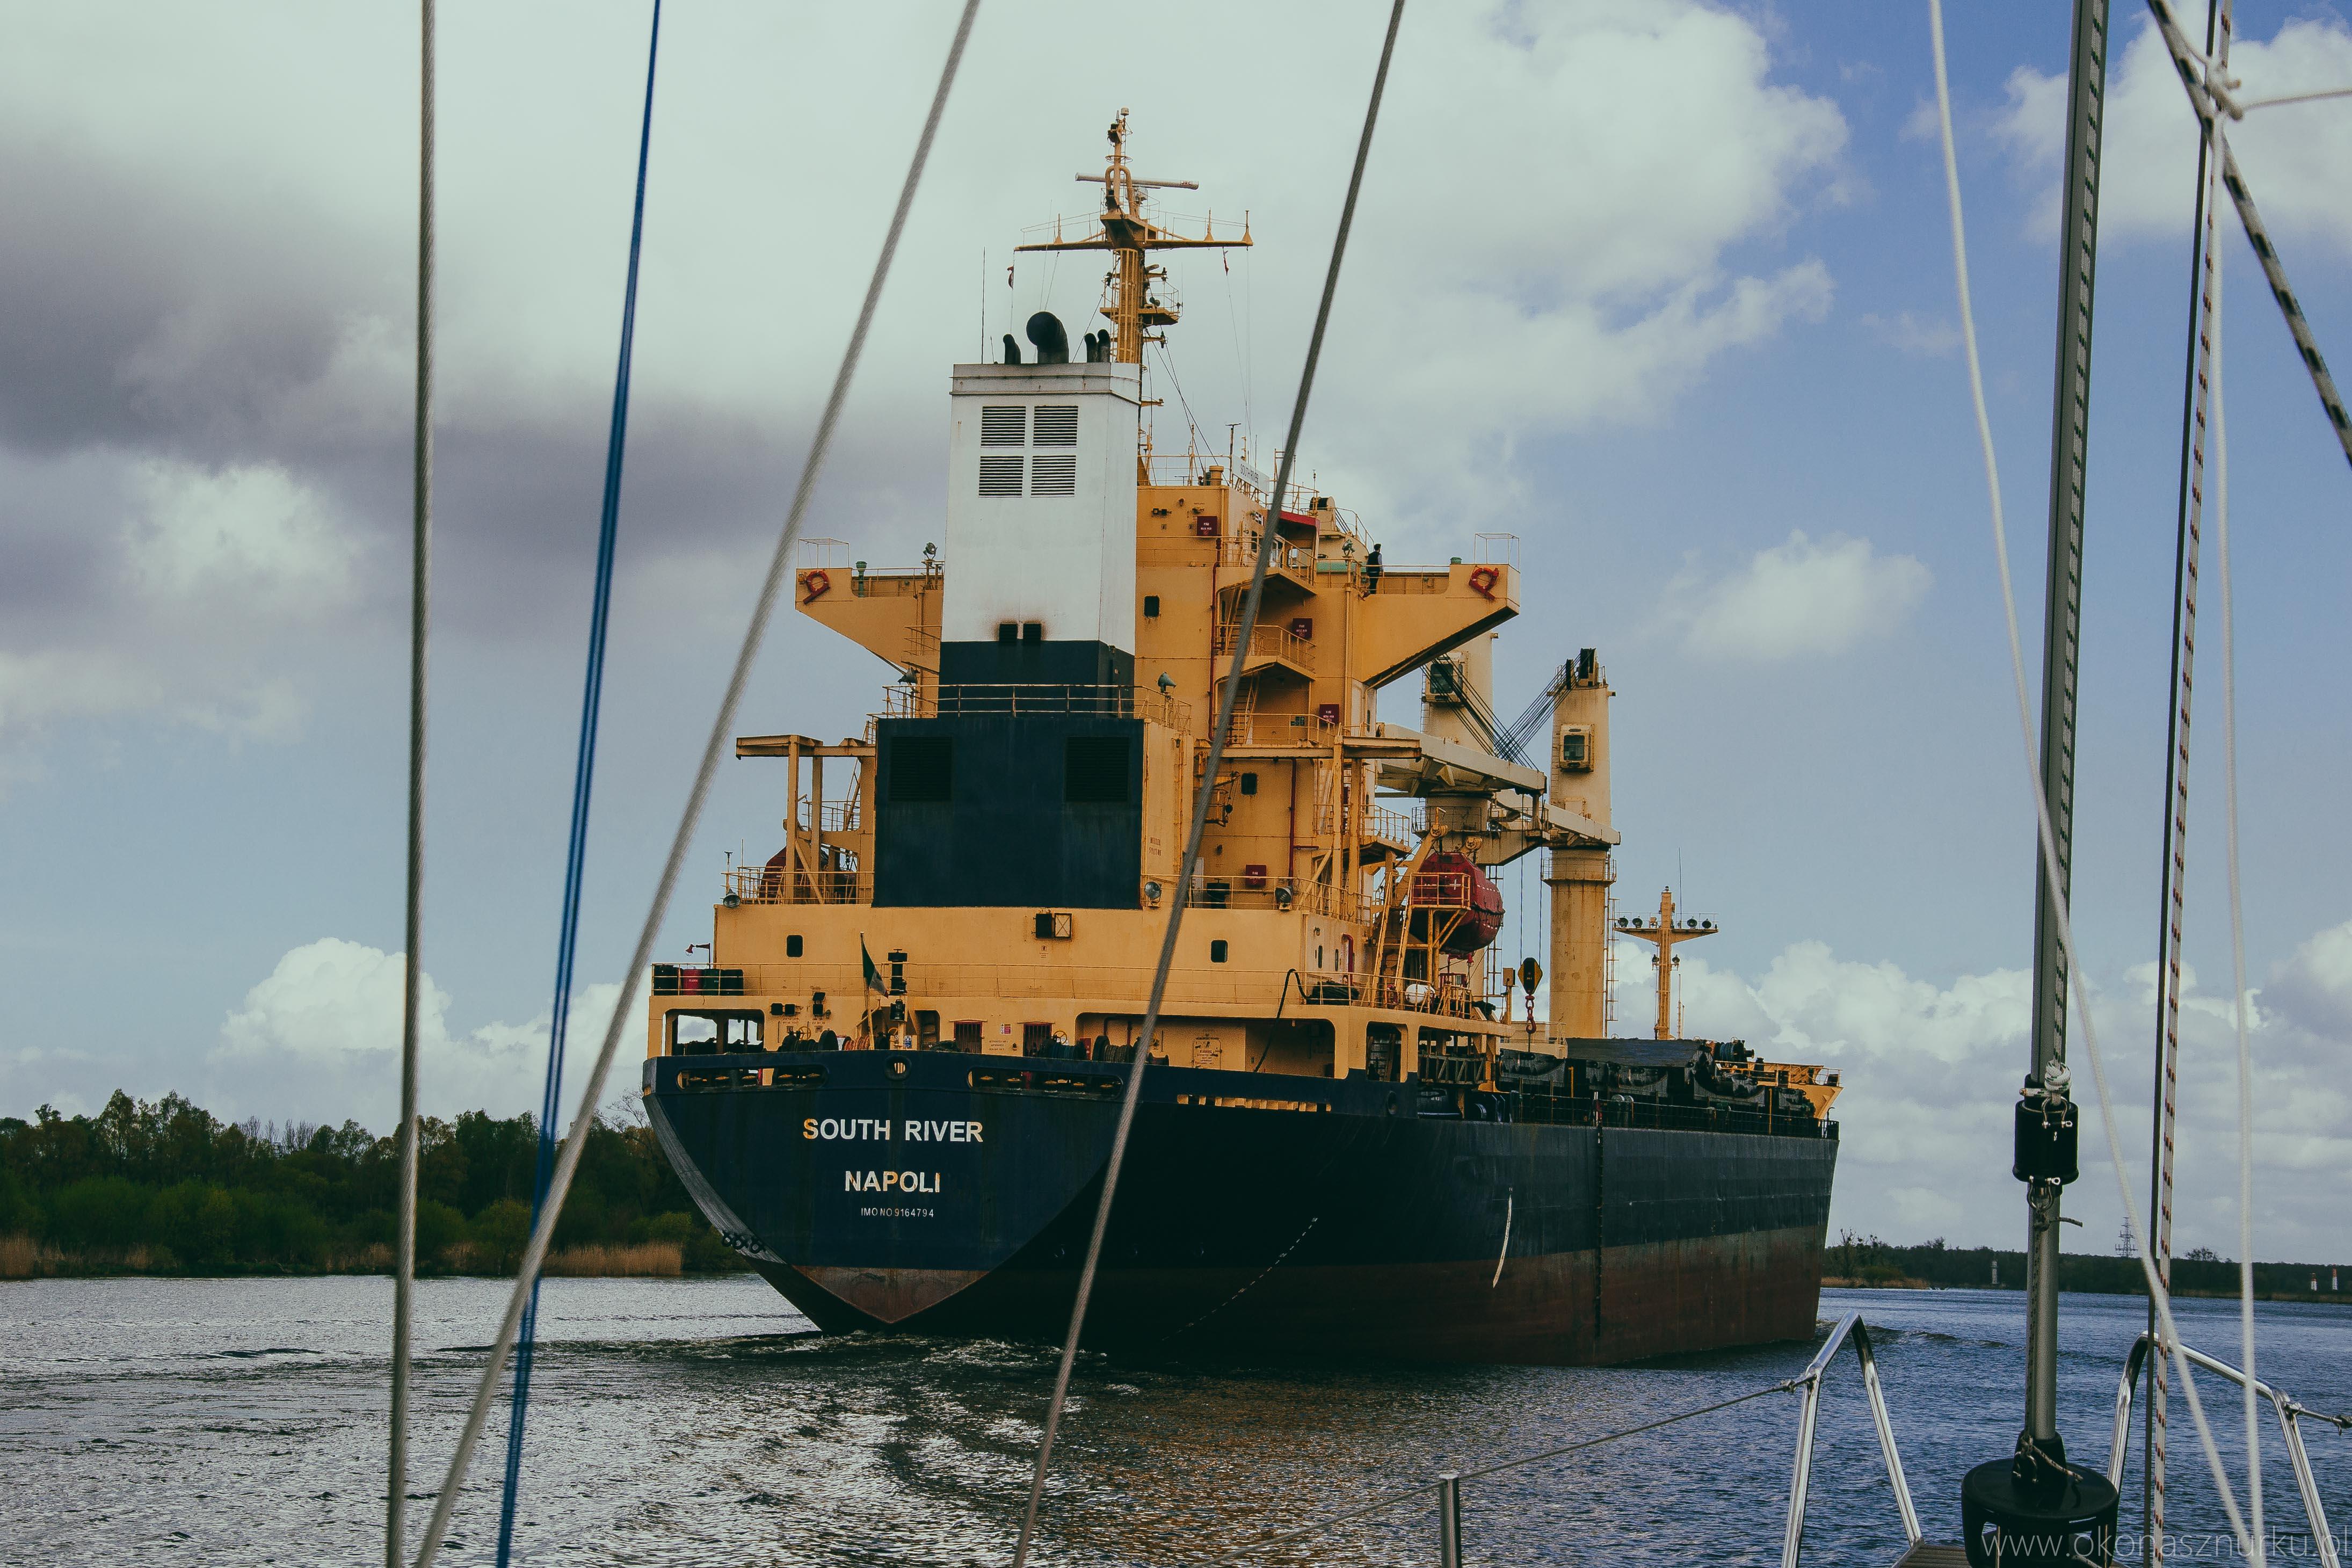 marina-jacht-wyprawy-morskie-silesia-szczecin-goclaw-lubczyna (37)